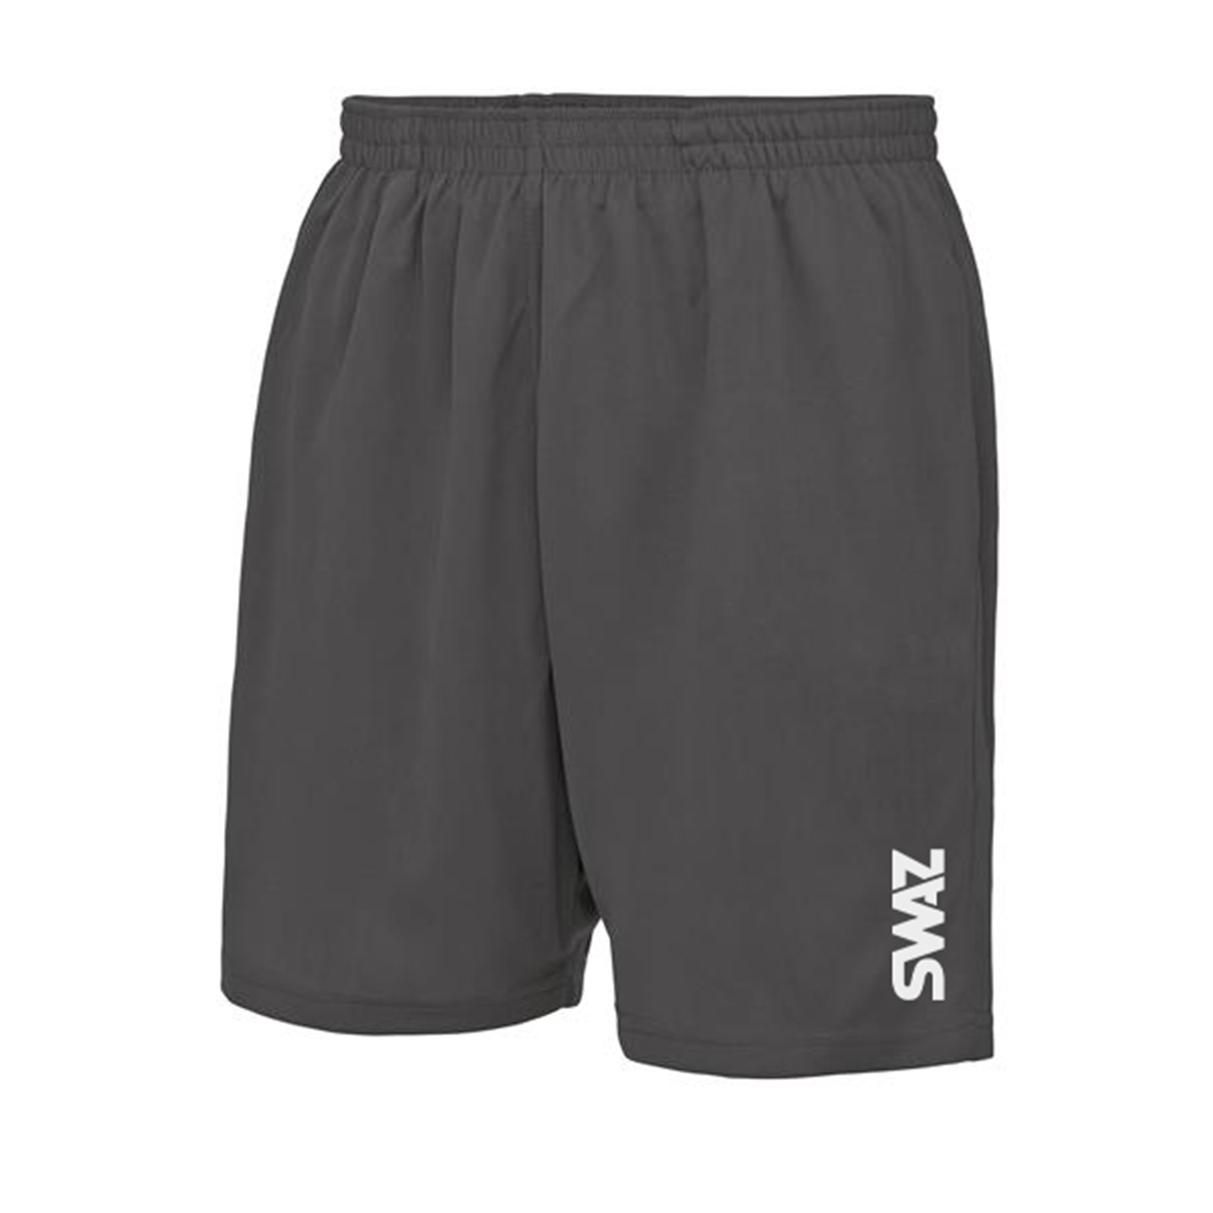 SWAZ Youth Training Shorts – Charcoal